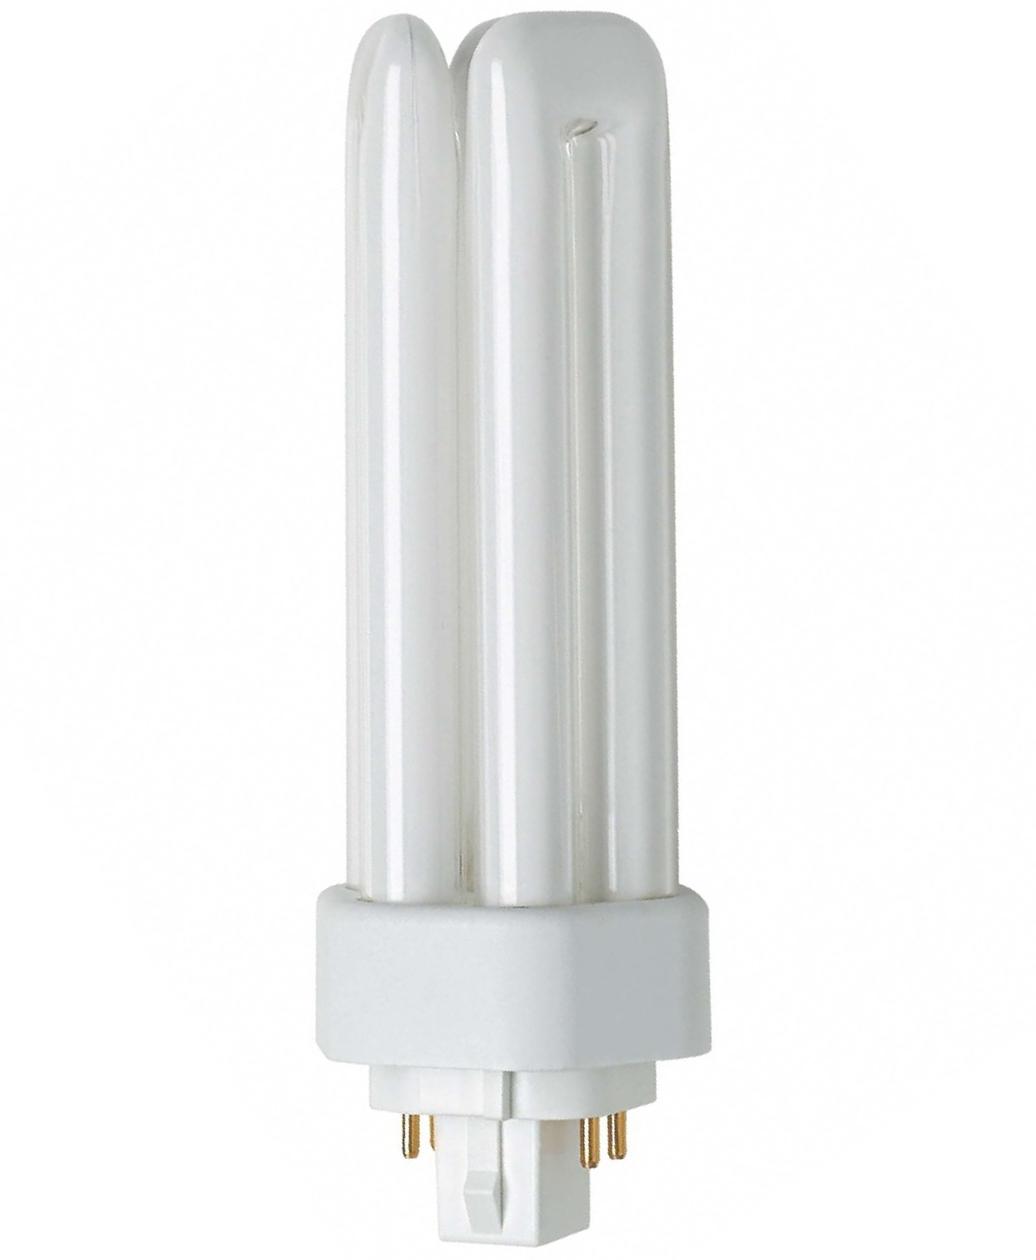 1 Stk PL-T 42W/830/4P GX24q-4 Kompaktleuchtstofflampe Warmweiß LI82134570